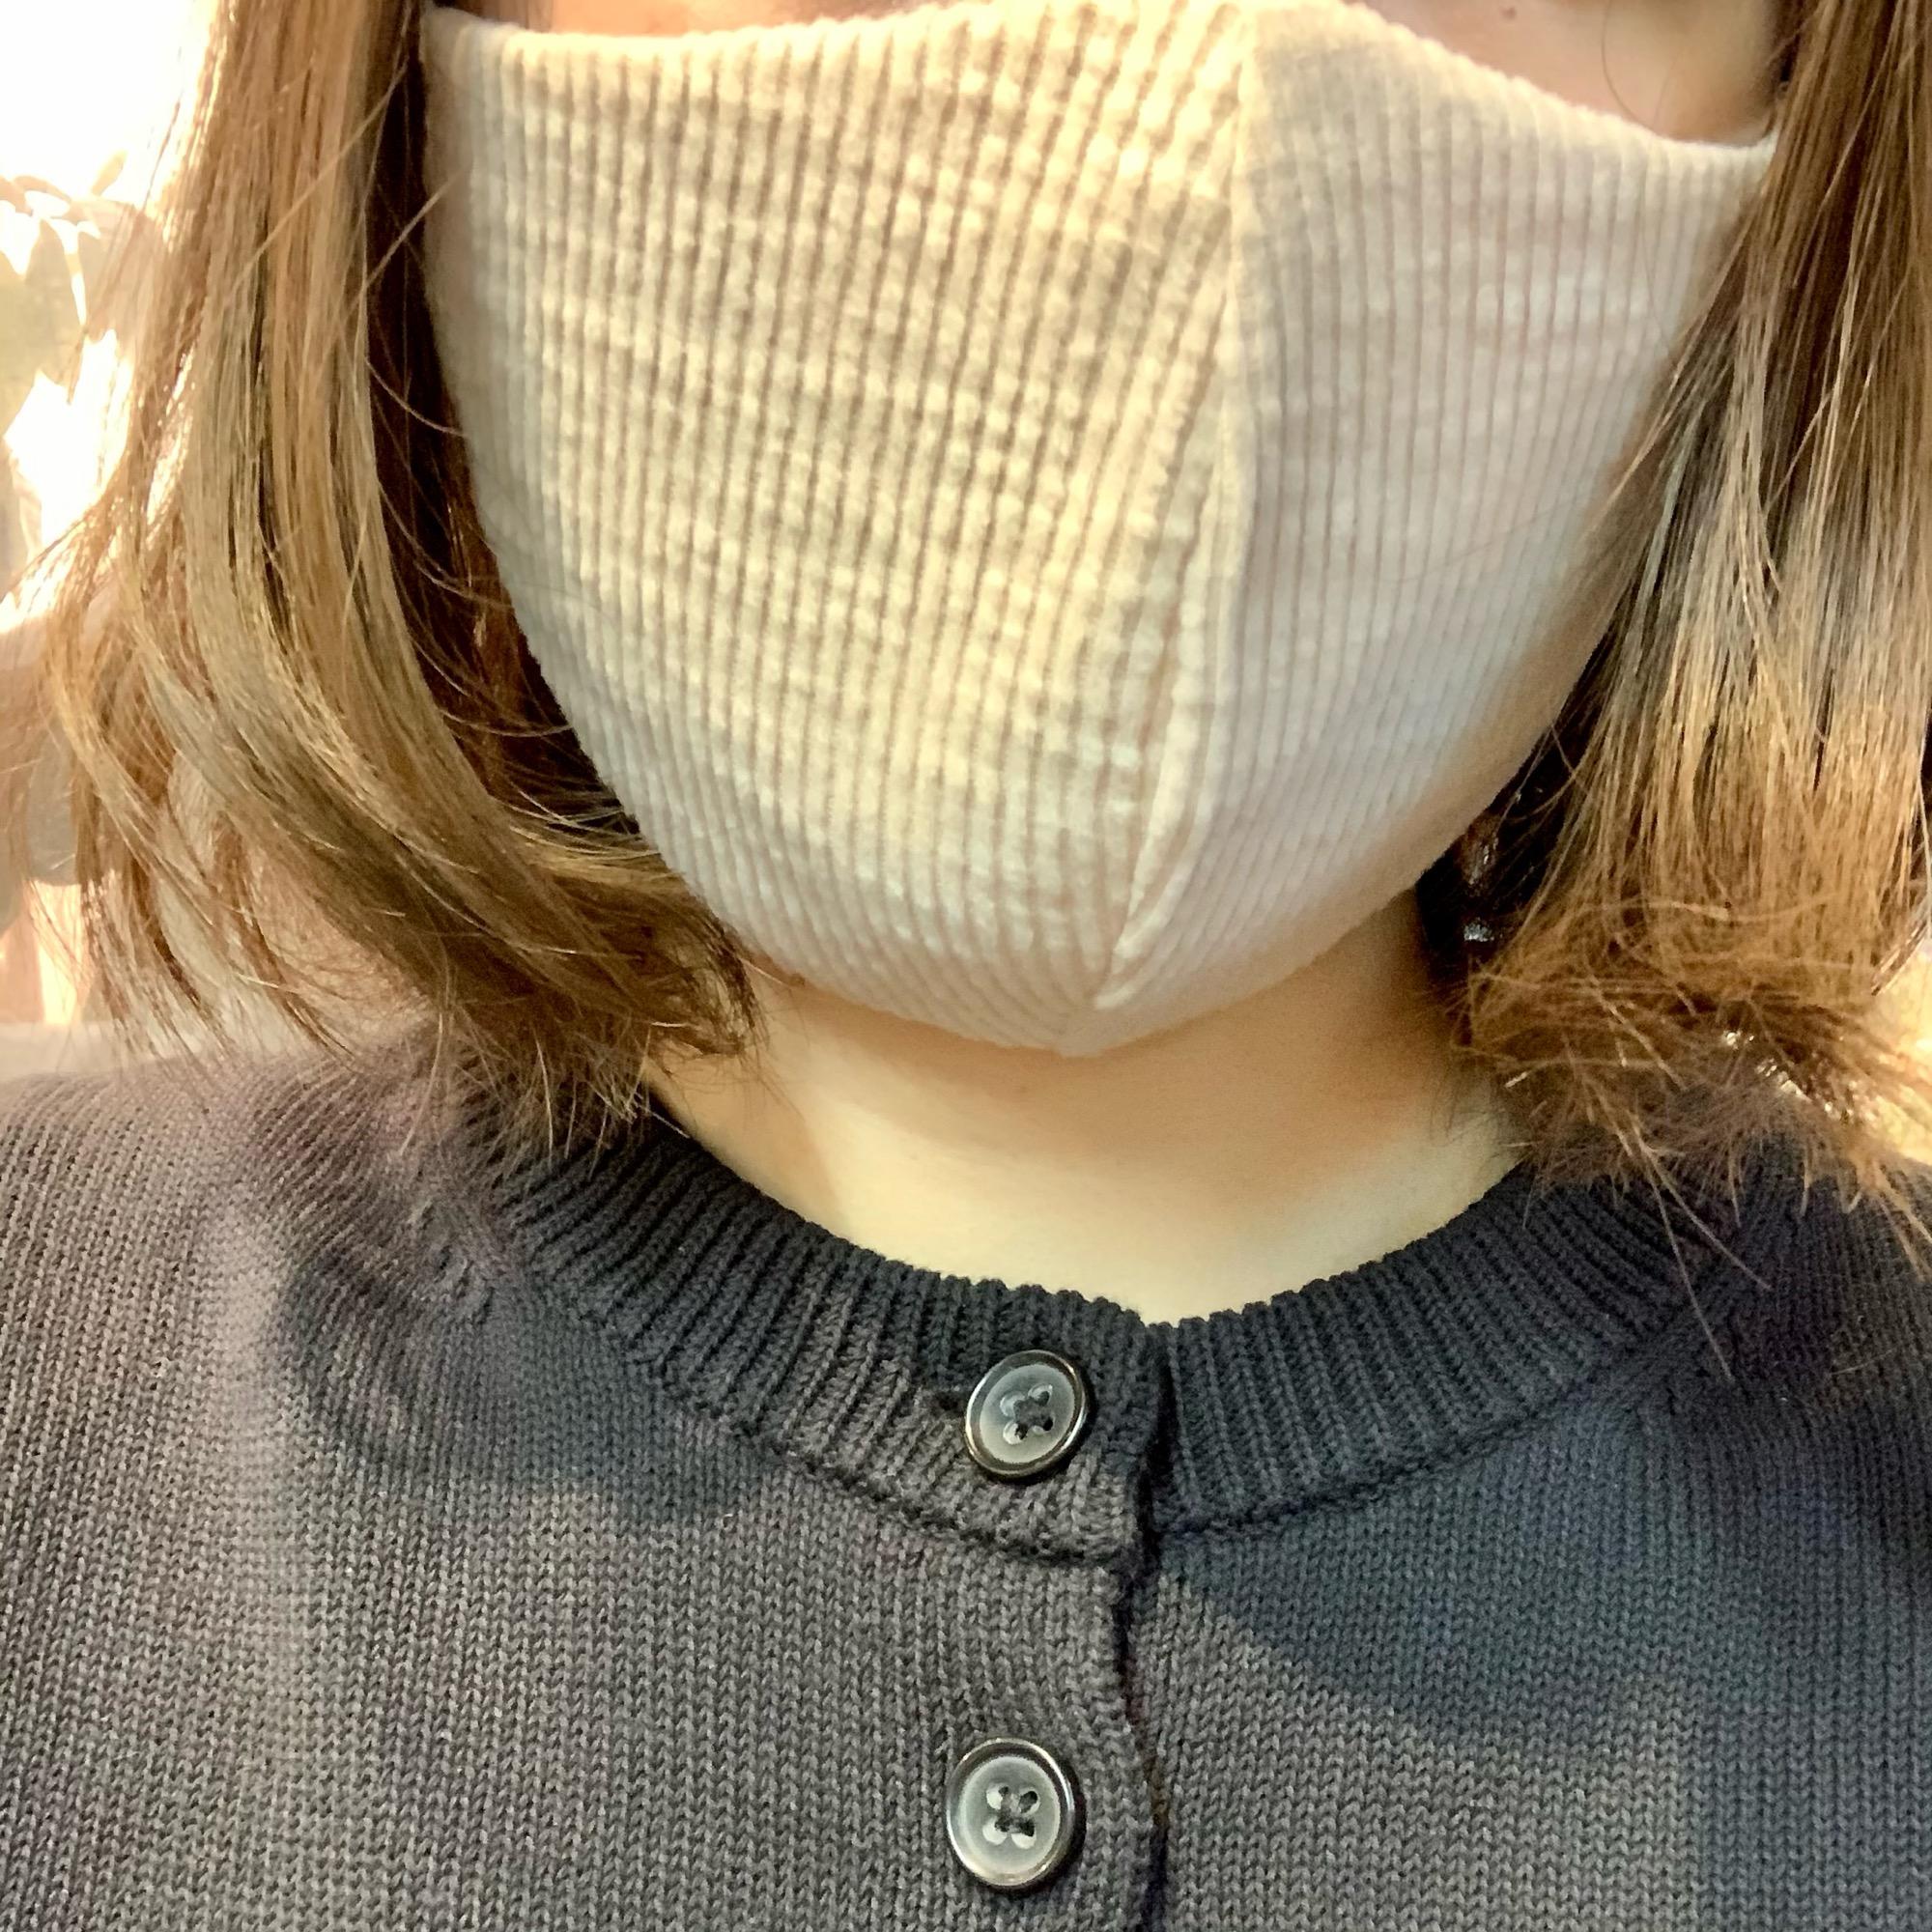 《プチプラでおしゃれ❤️》【GU】FASHION MASK(ファッションマスク)4種類をレビュー☝︎!_3